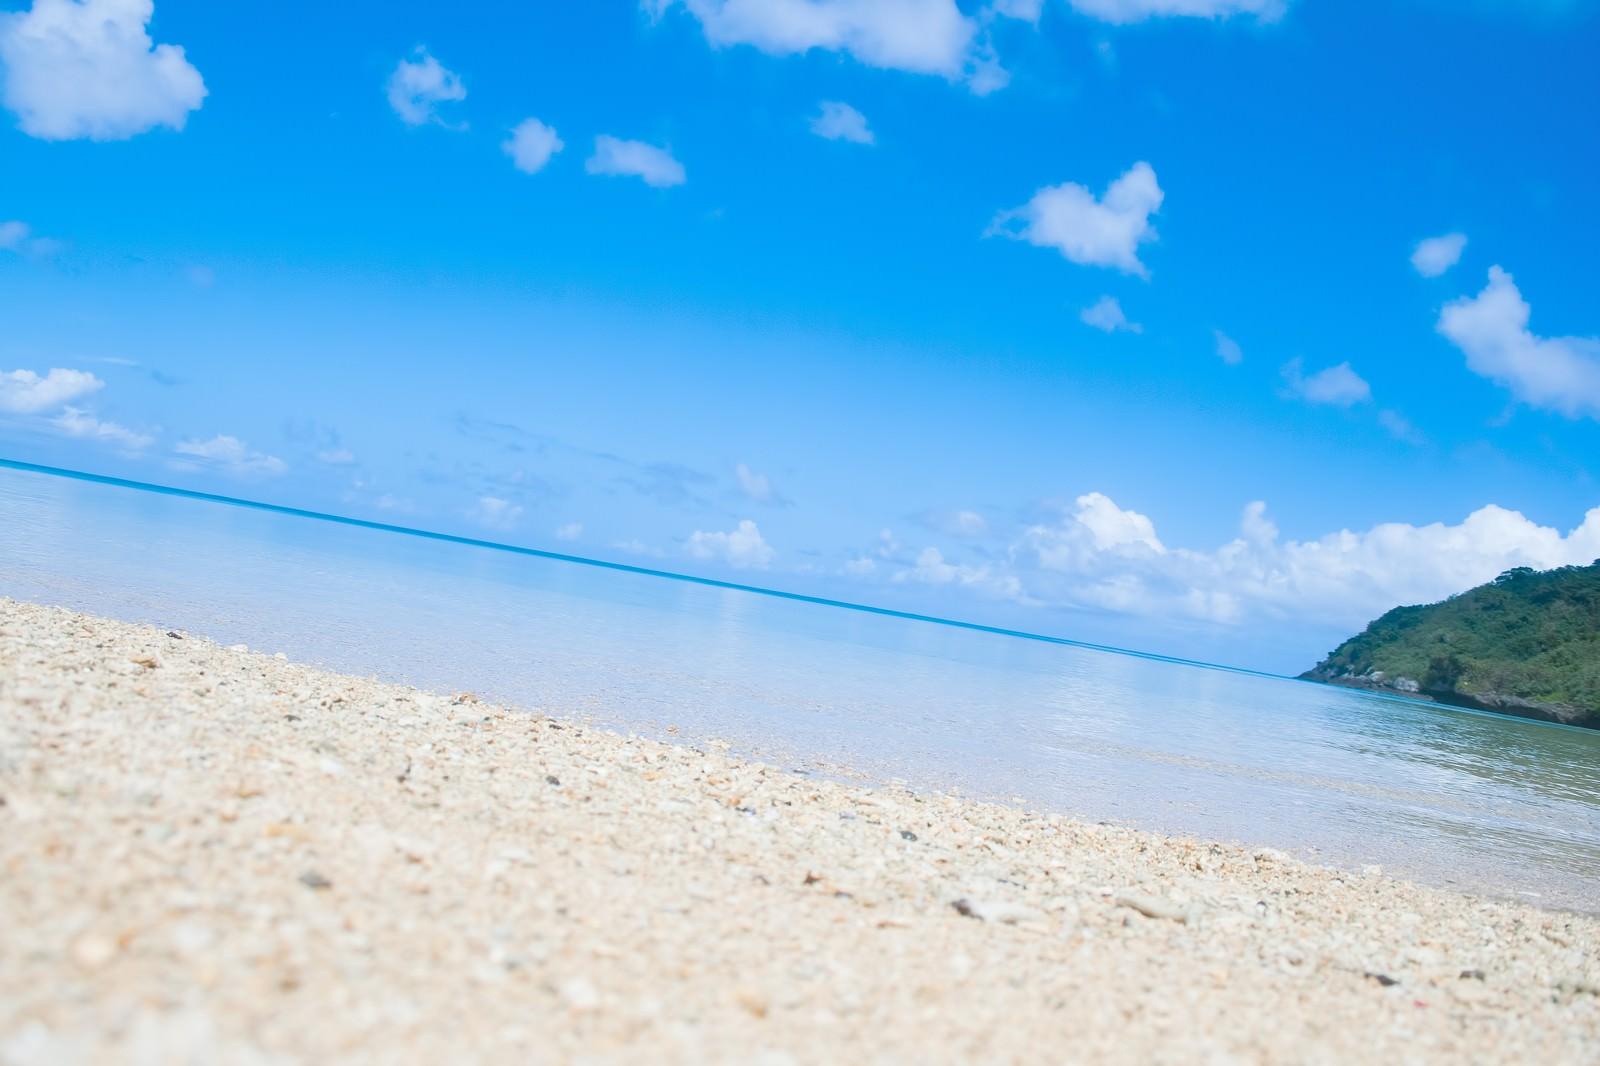 「青く透き通った沖縄の海」の写真